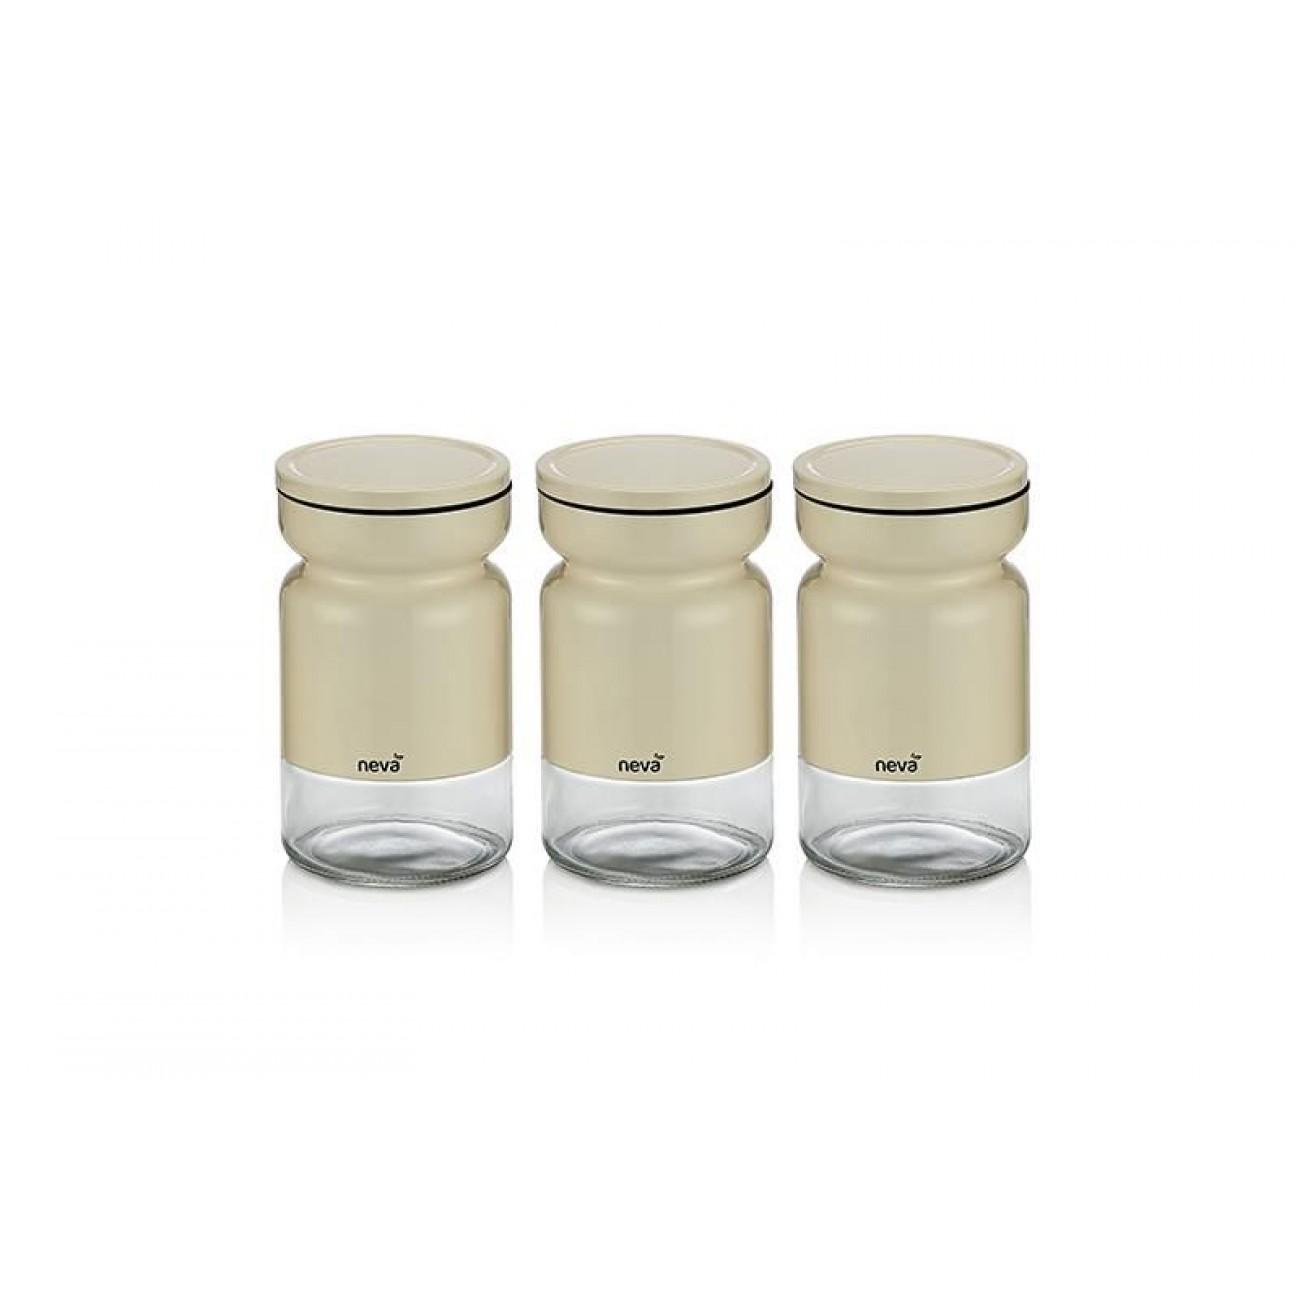 Full Size of Aufbewahrungsbehälter Sweet Serie Creme Serieneva 3 Tlg Küche Wohnzimmer Aufbewahrungsbehälter